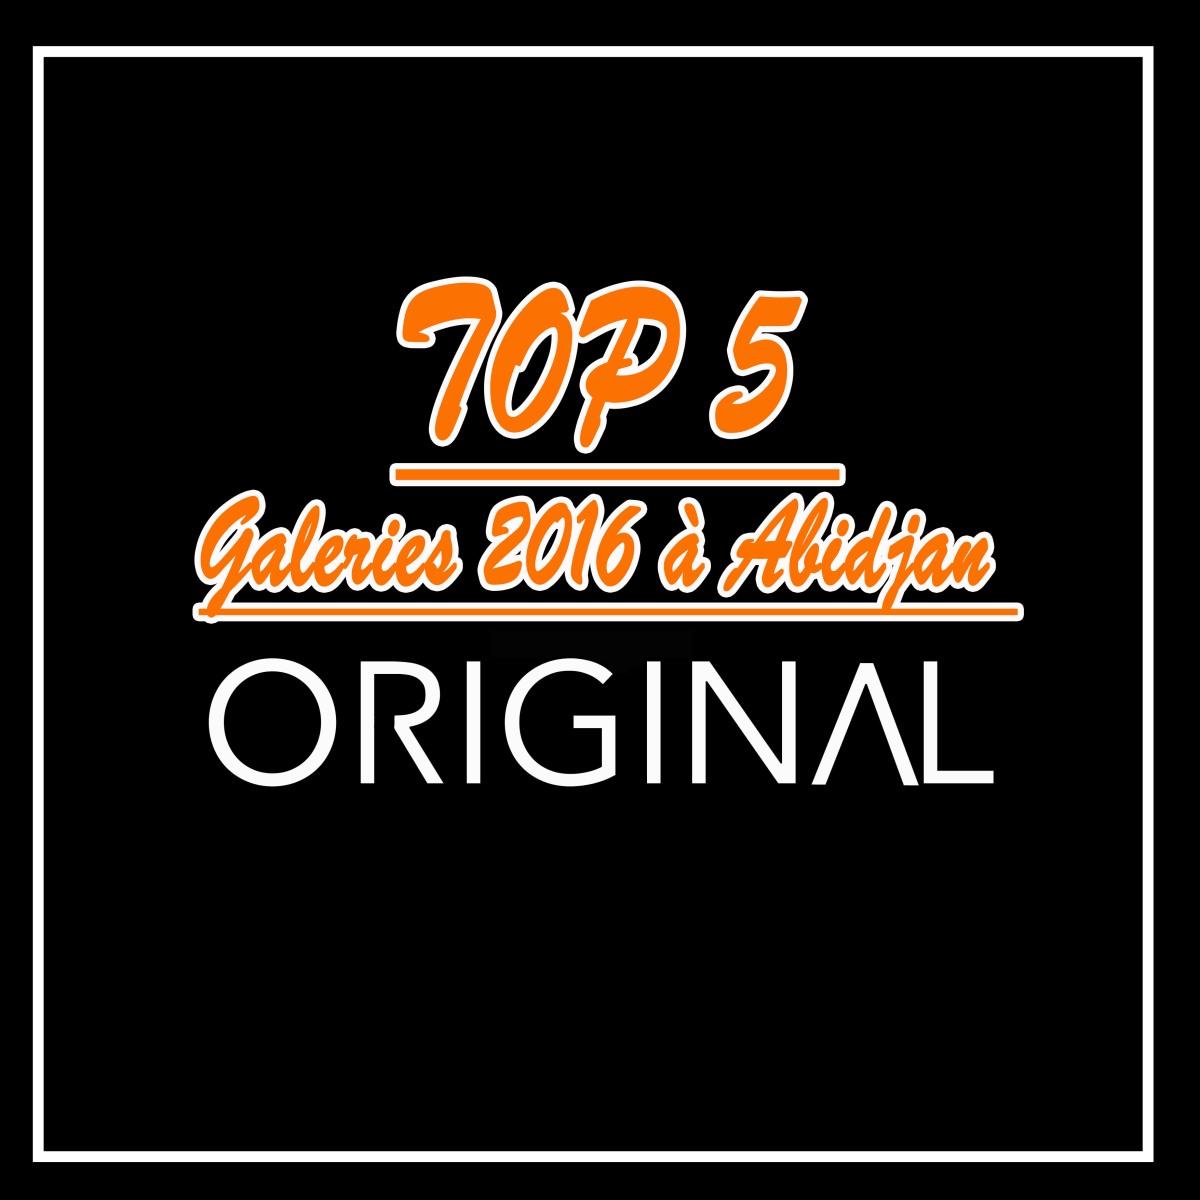 TOP 5 des galeries d'art visitées à Abidjan par ORIGINΛL en 2016